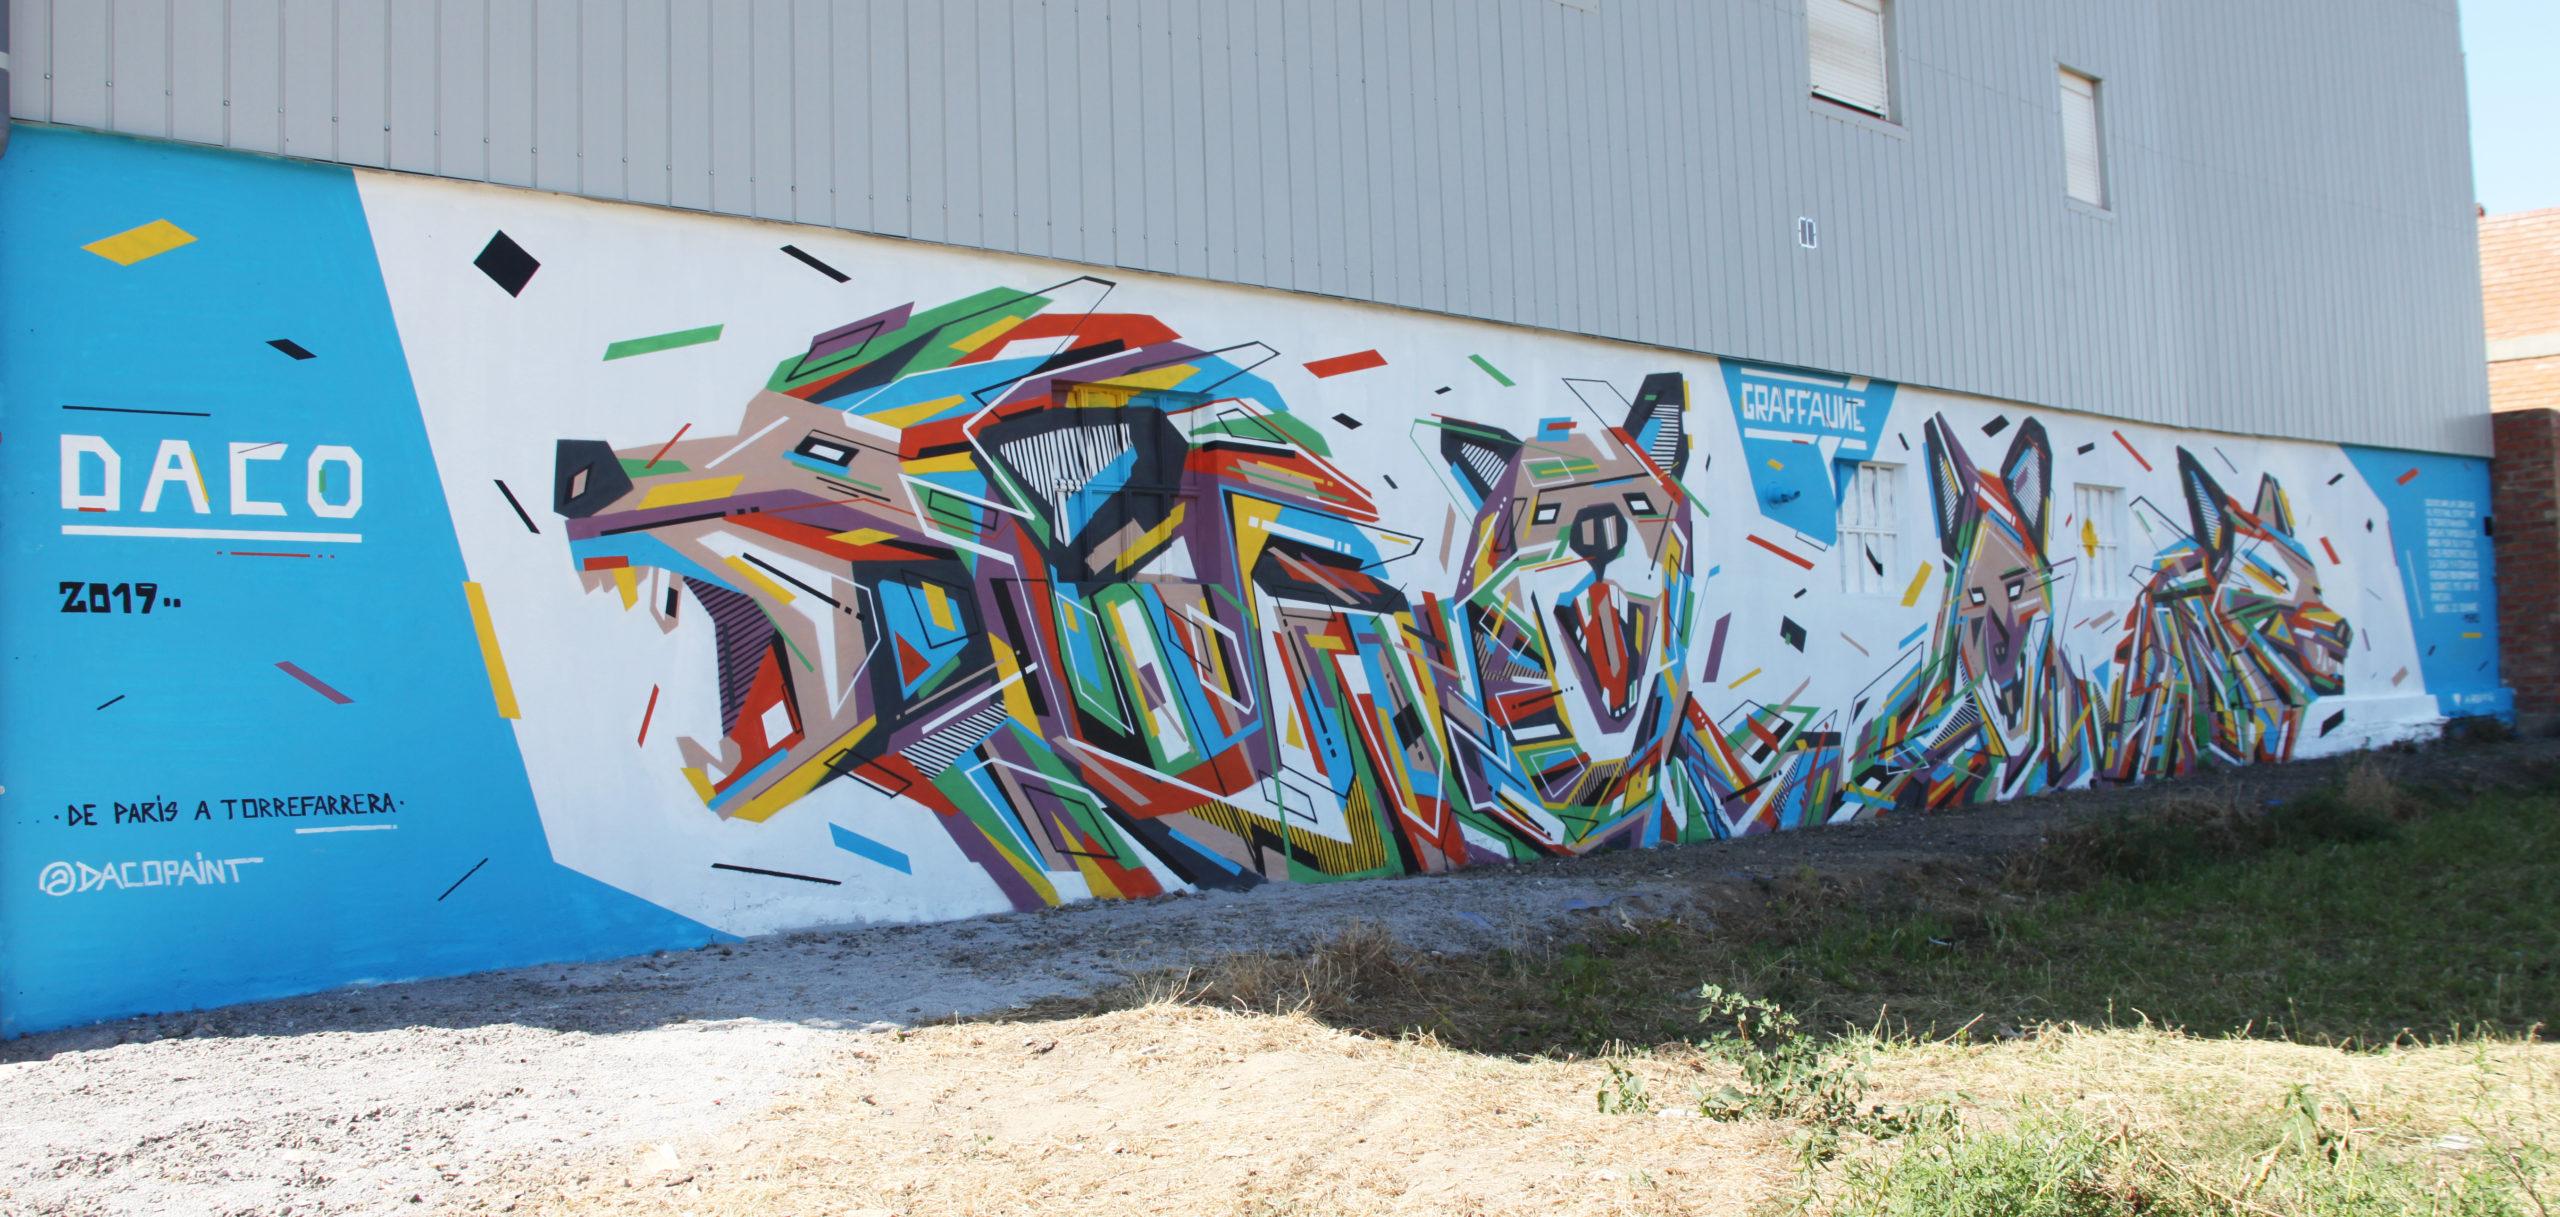 Fresque Graffaune Graffiti loups réalisée par Daco